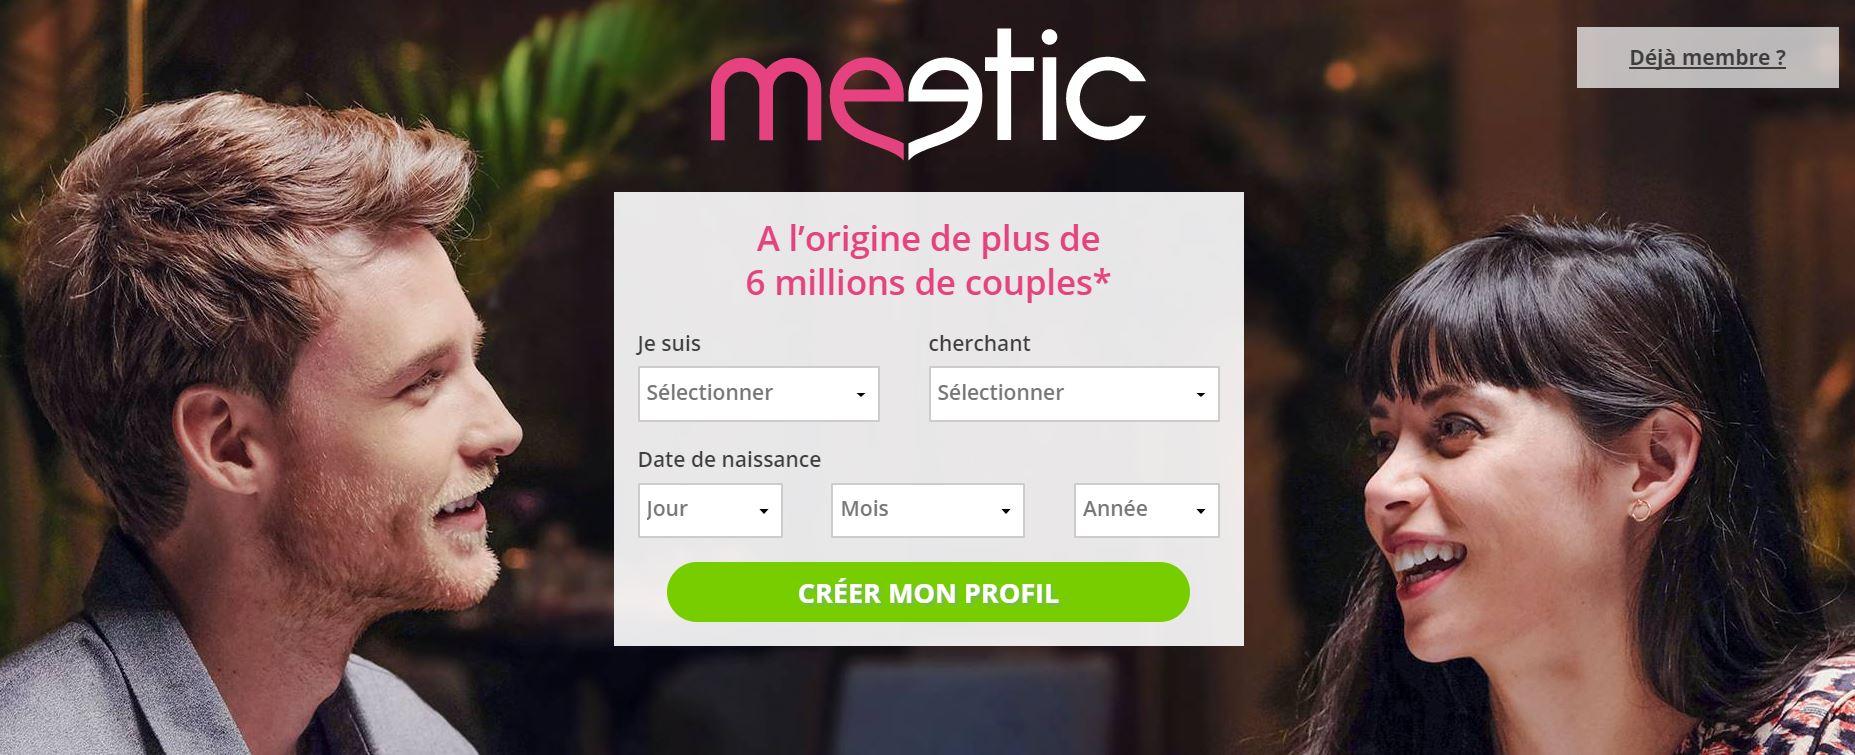 rencontres amoureuses en belgique flirter à 40 ans